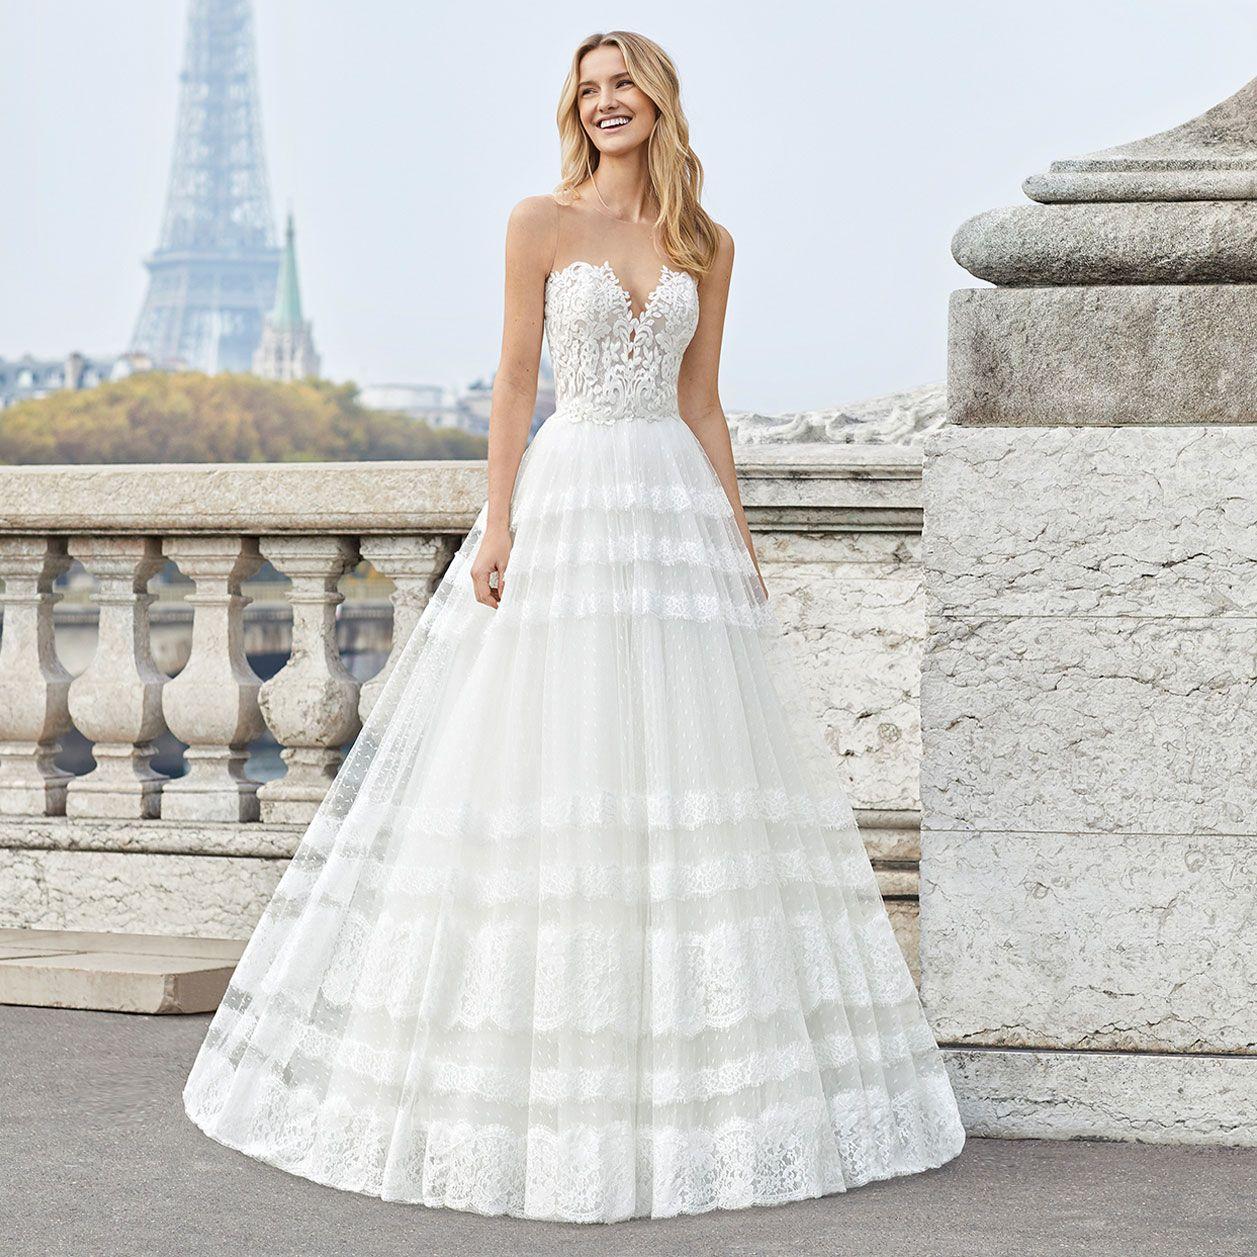 Brautkleider-Trends 11: 11 Styles, die Bräute jetzt lieben